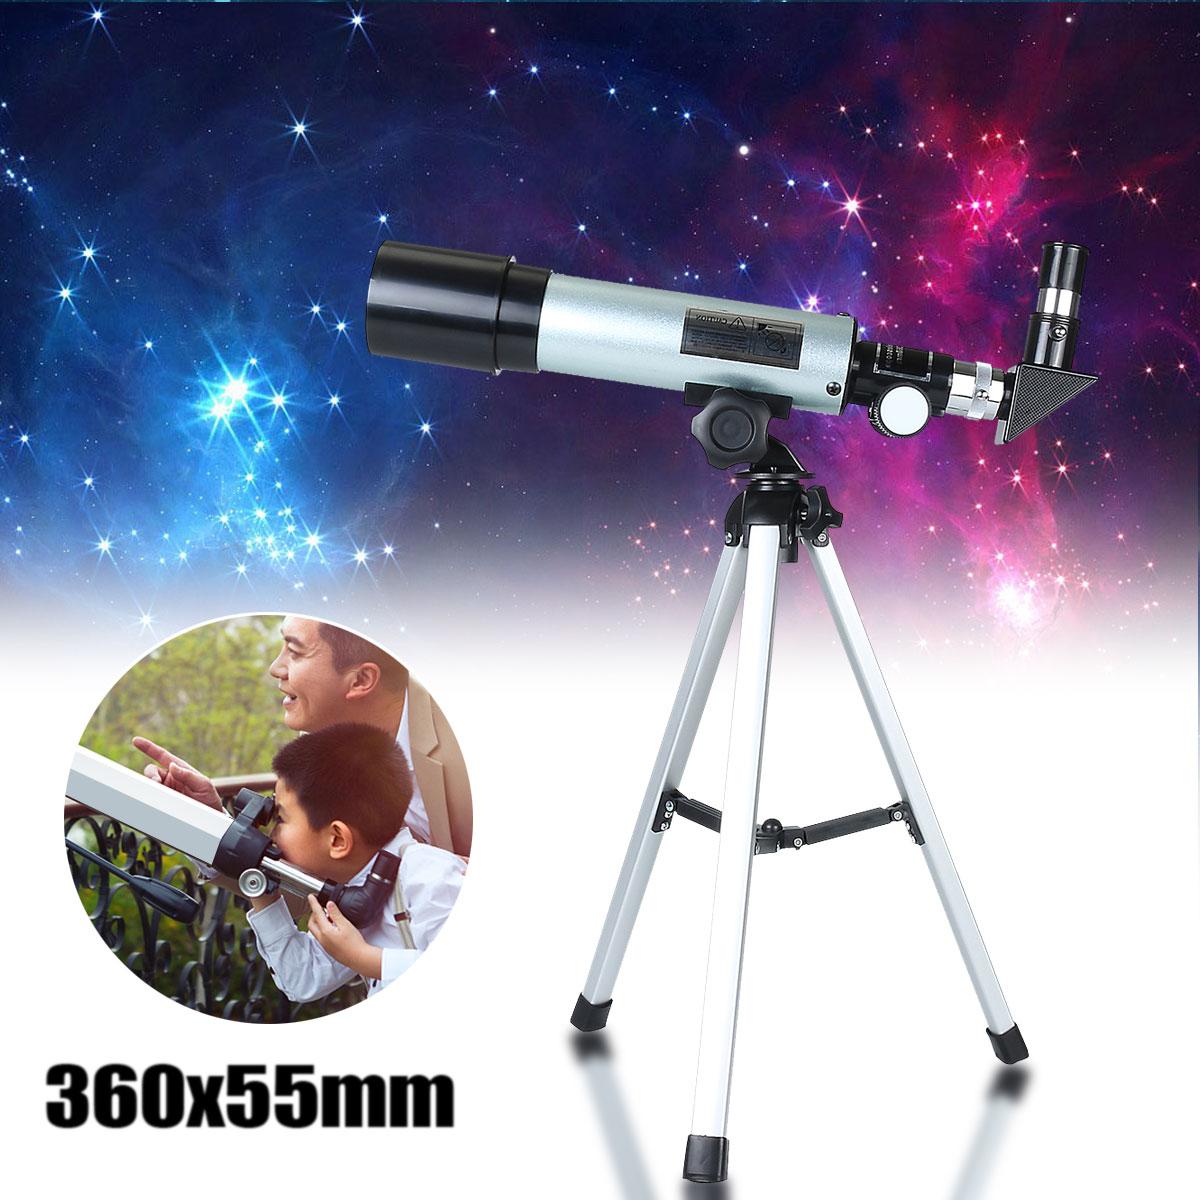 360x50mm f36050m telescopio astronomico de acampamento monocular com tripe portatil espaco spotting escopo monocular telescopio